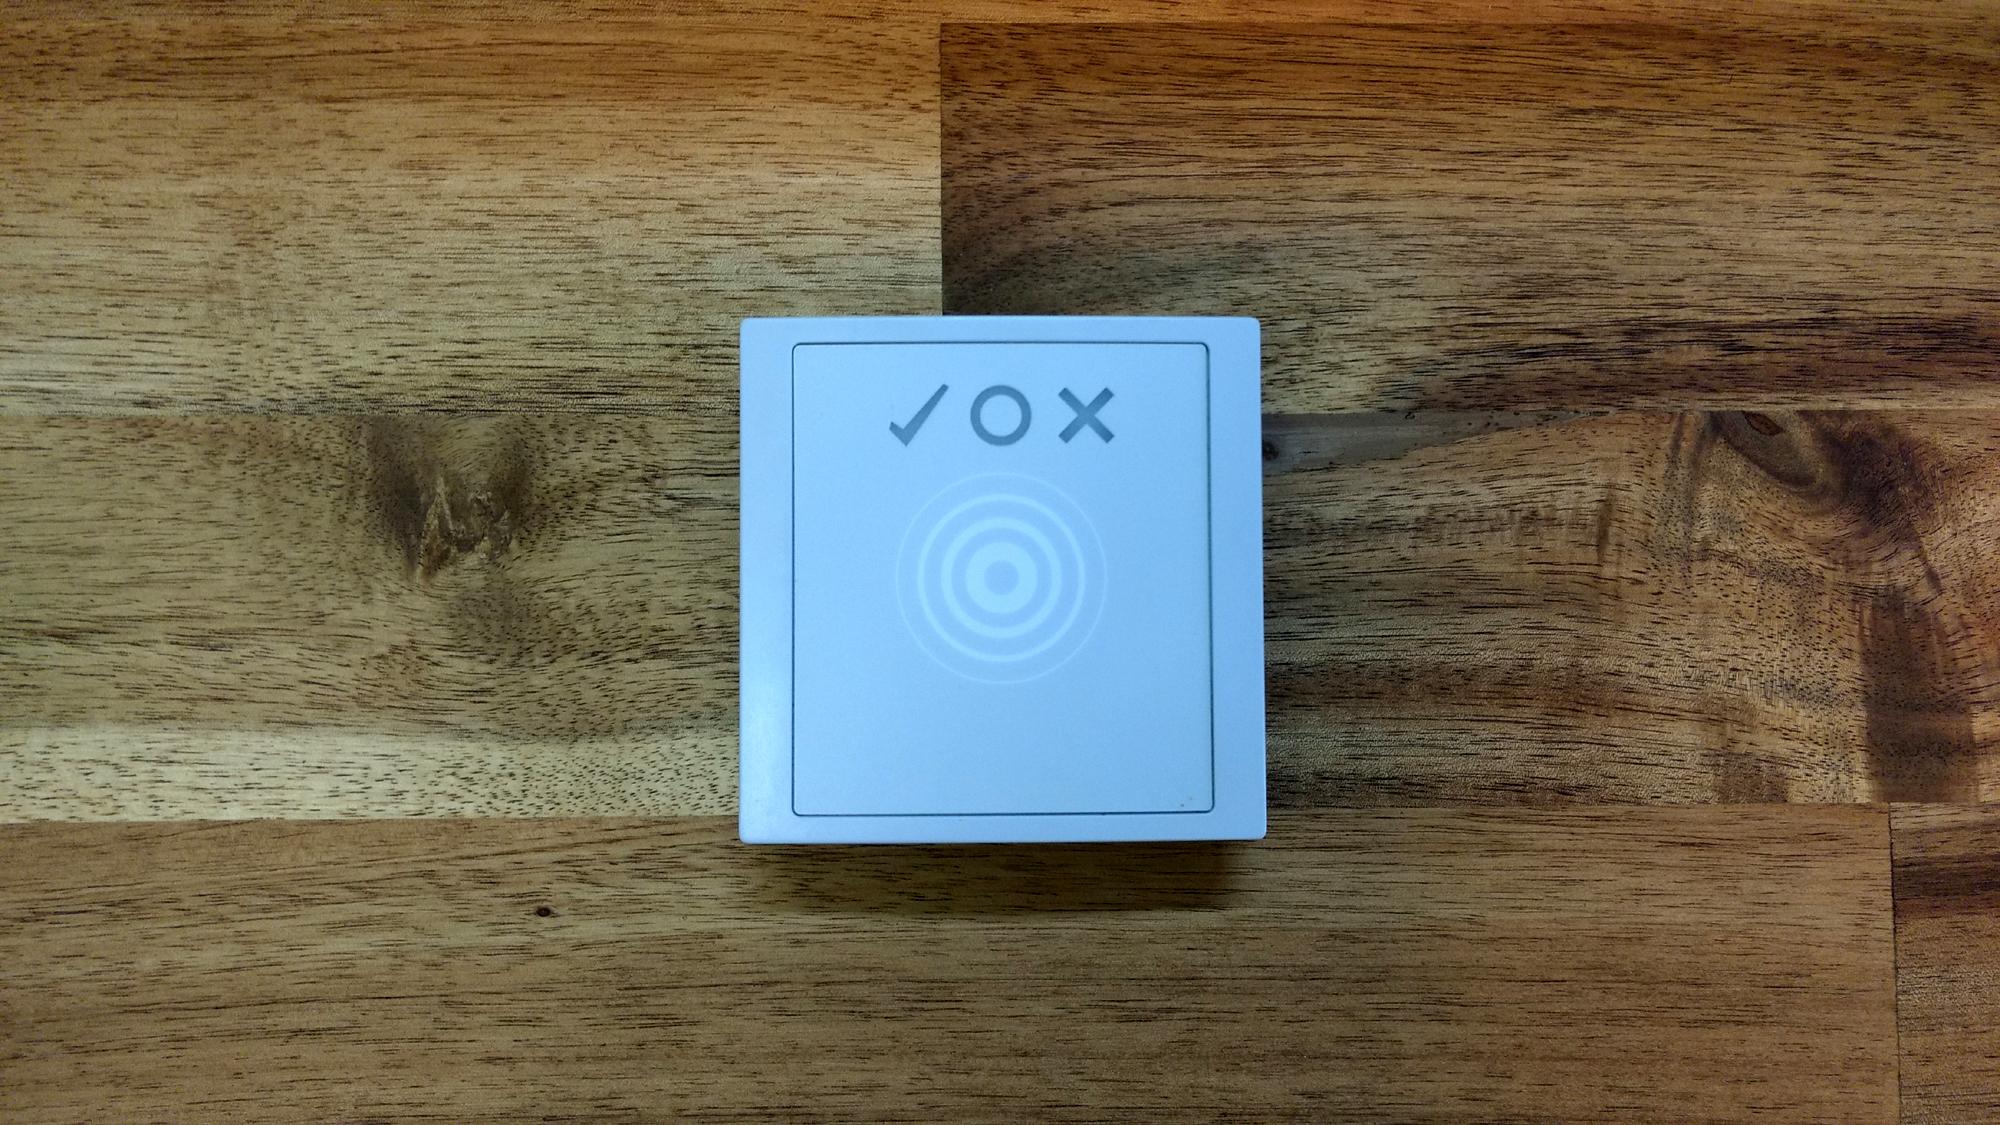 Lesegerät zum Auslesen von Gästekarten / RFID-Transpondern